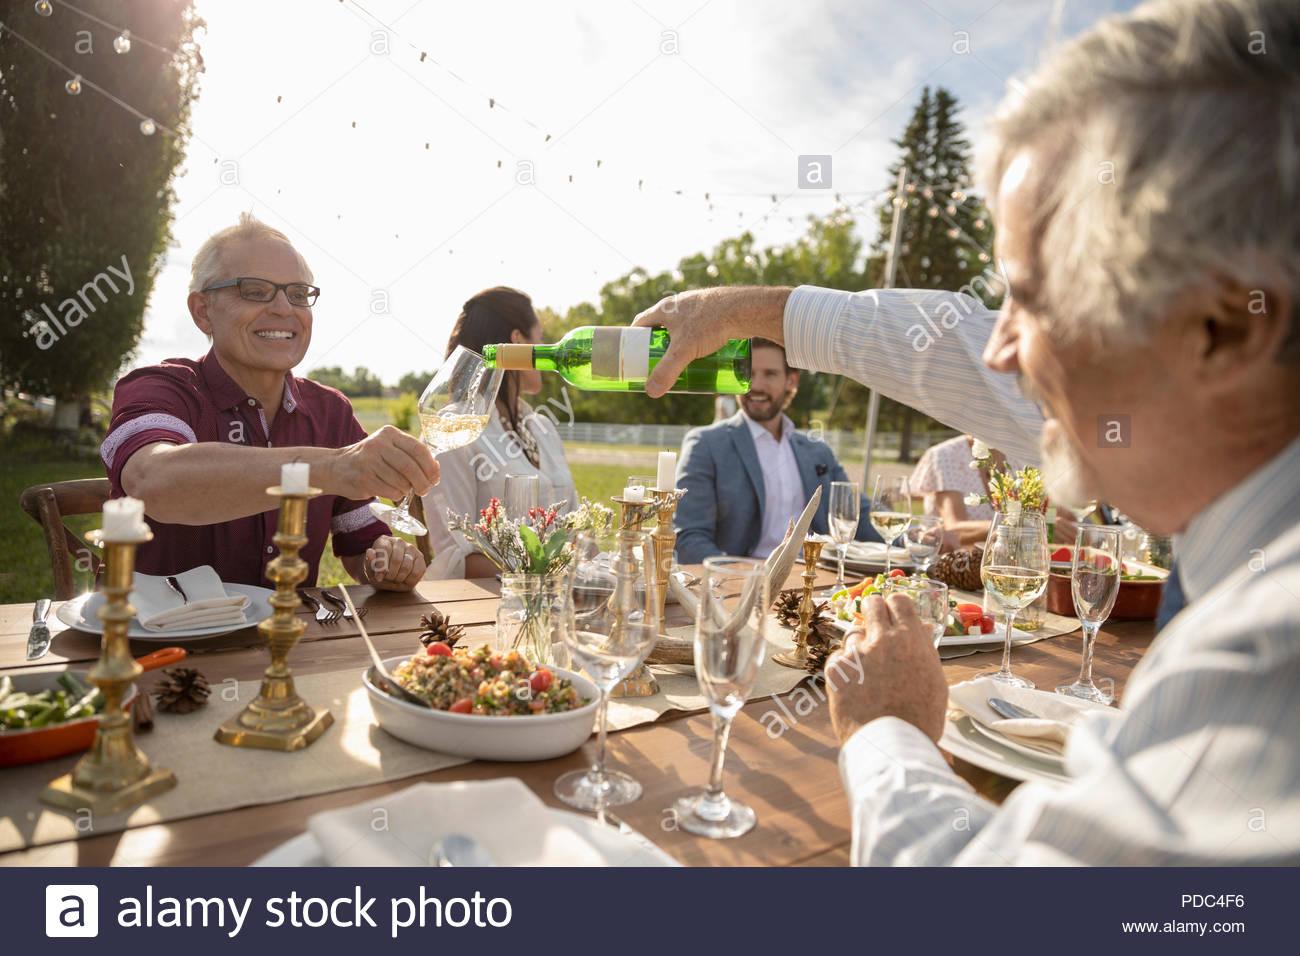 El hombre servir vino para Amiga en la recepción de la boda almuerzo Imagen De Stock